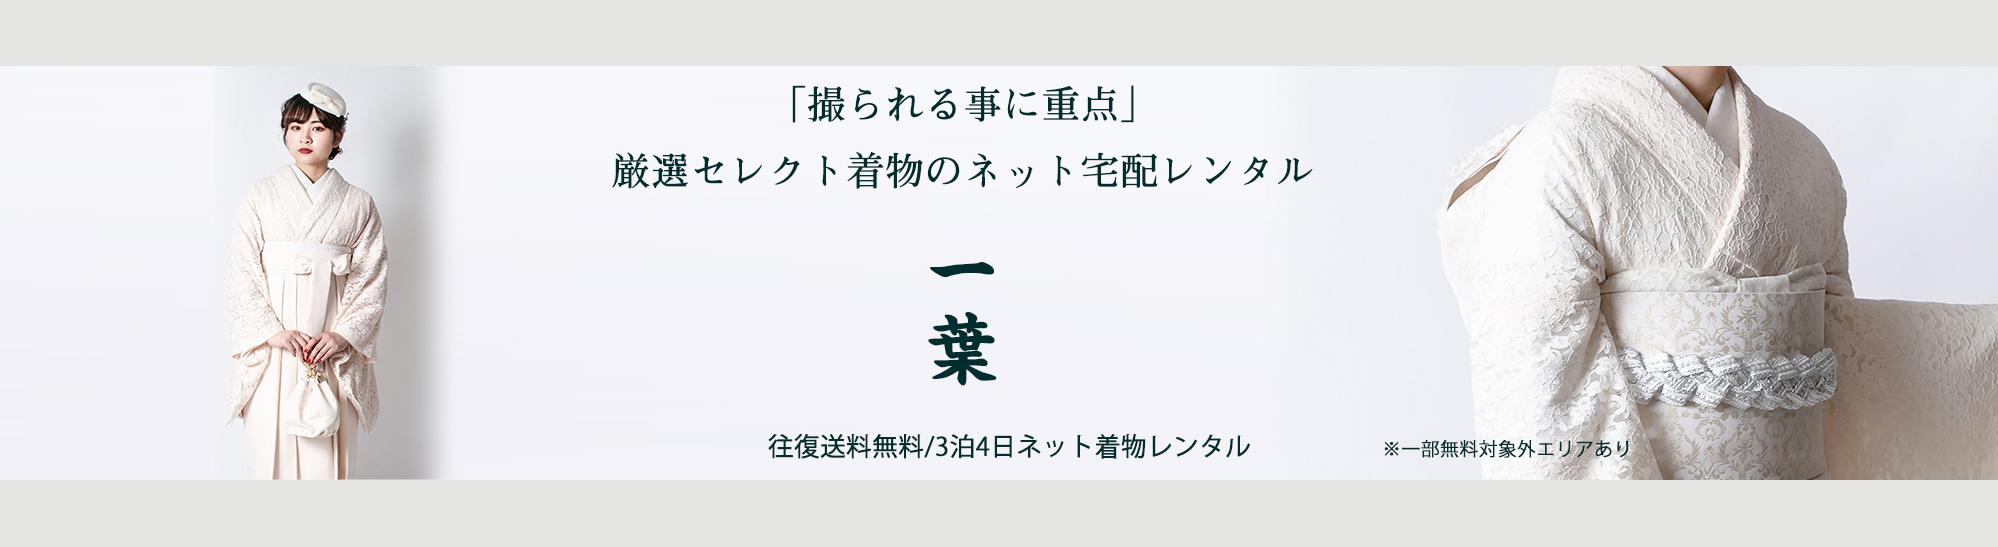 【宅配レンタル着物】アンティーク着物柄&卒業袴・振袖・七五三 衣装のフルセット『 一葉』いちは